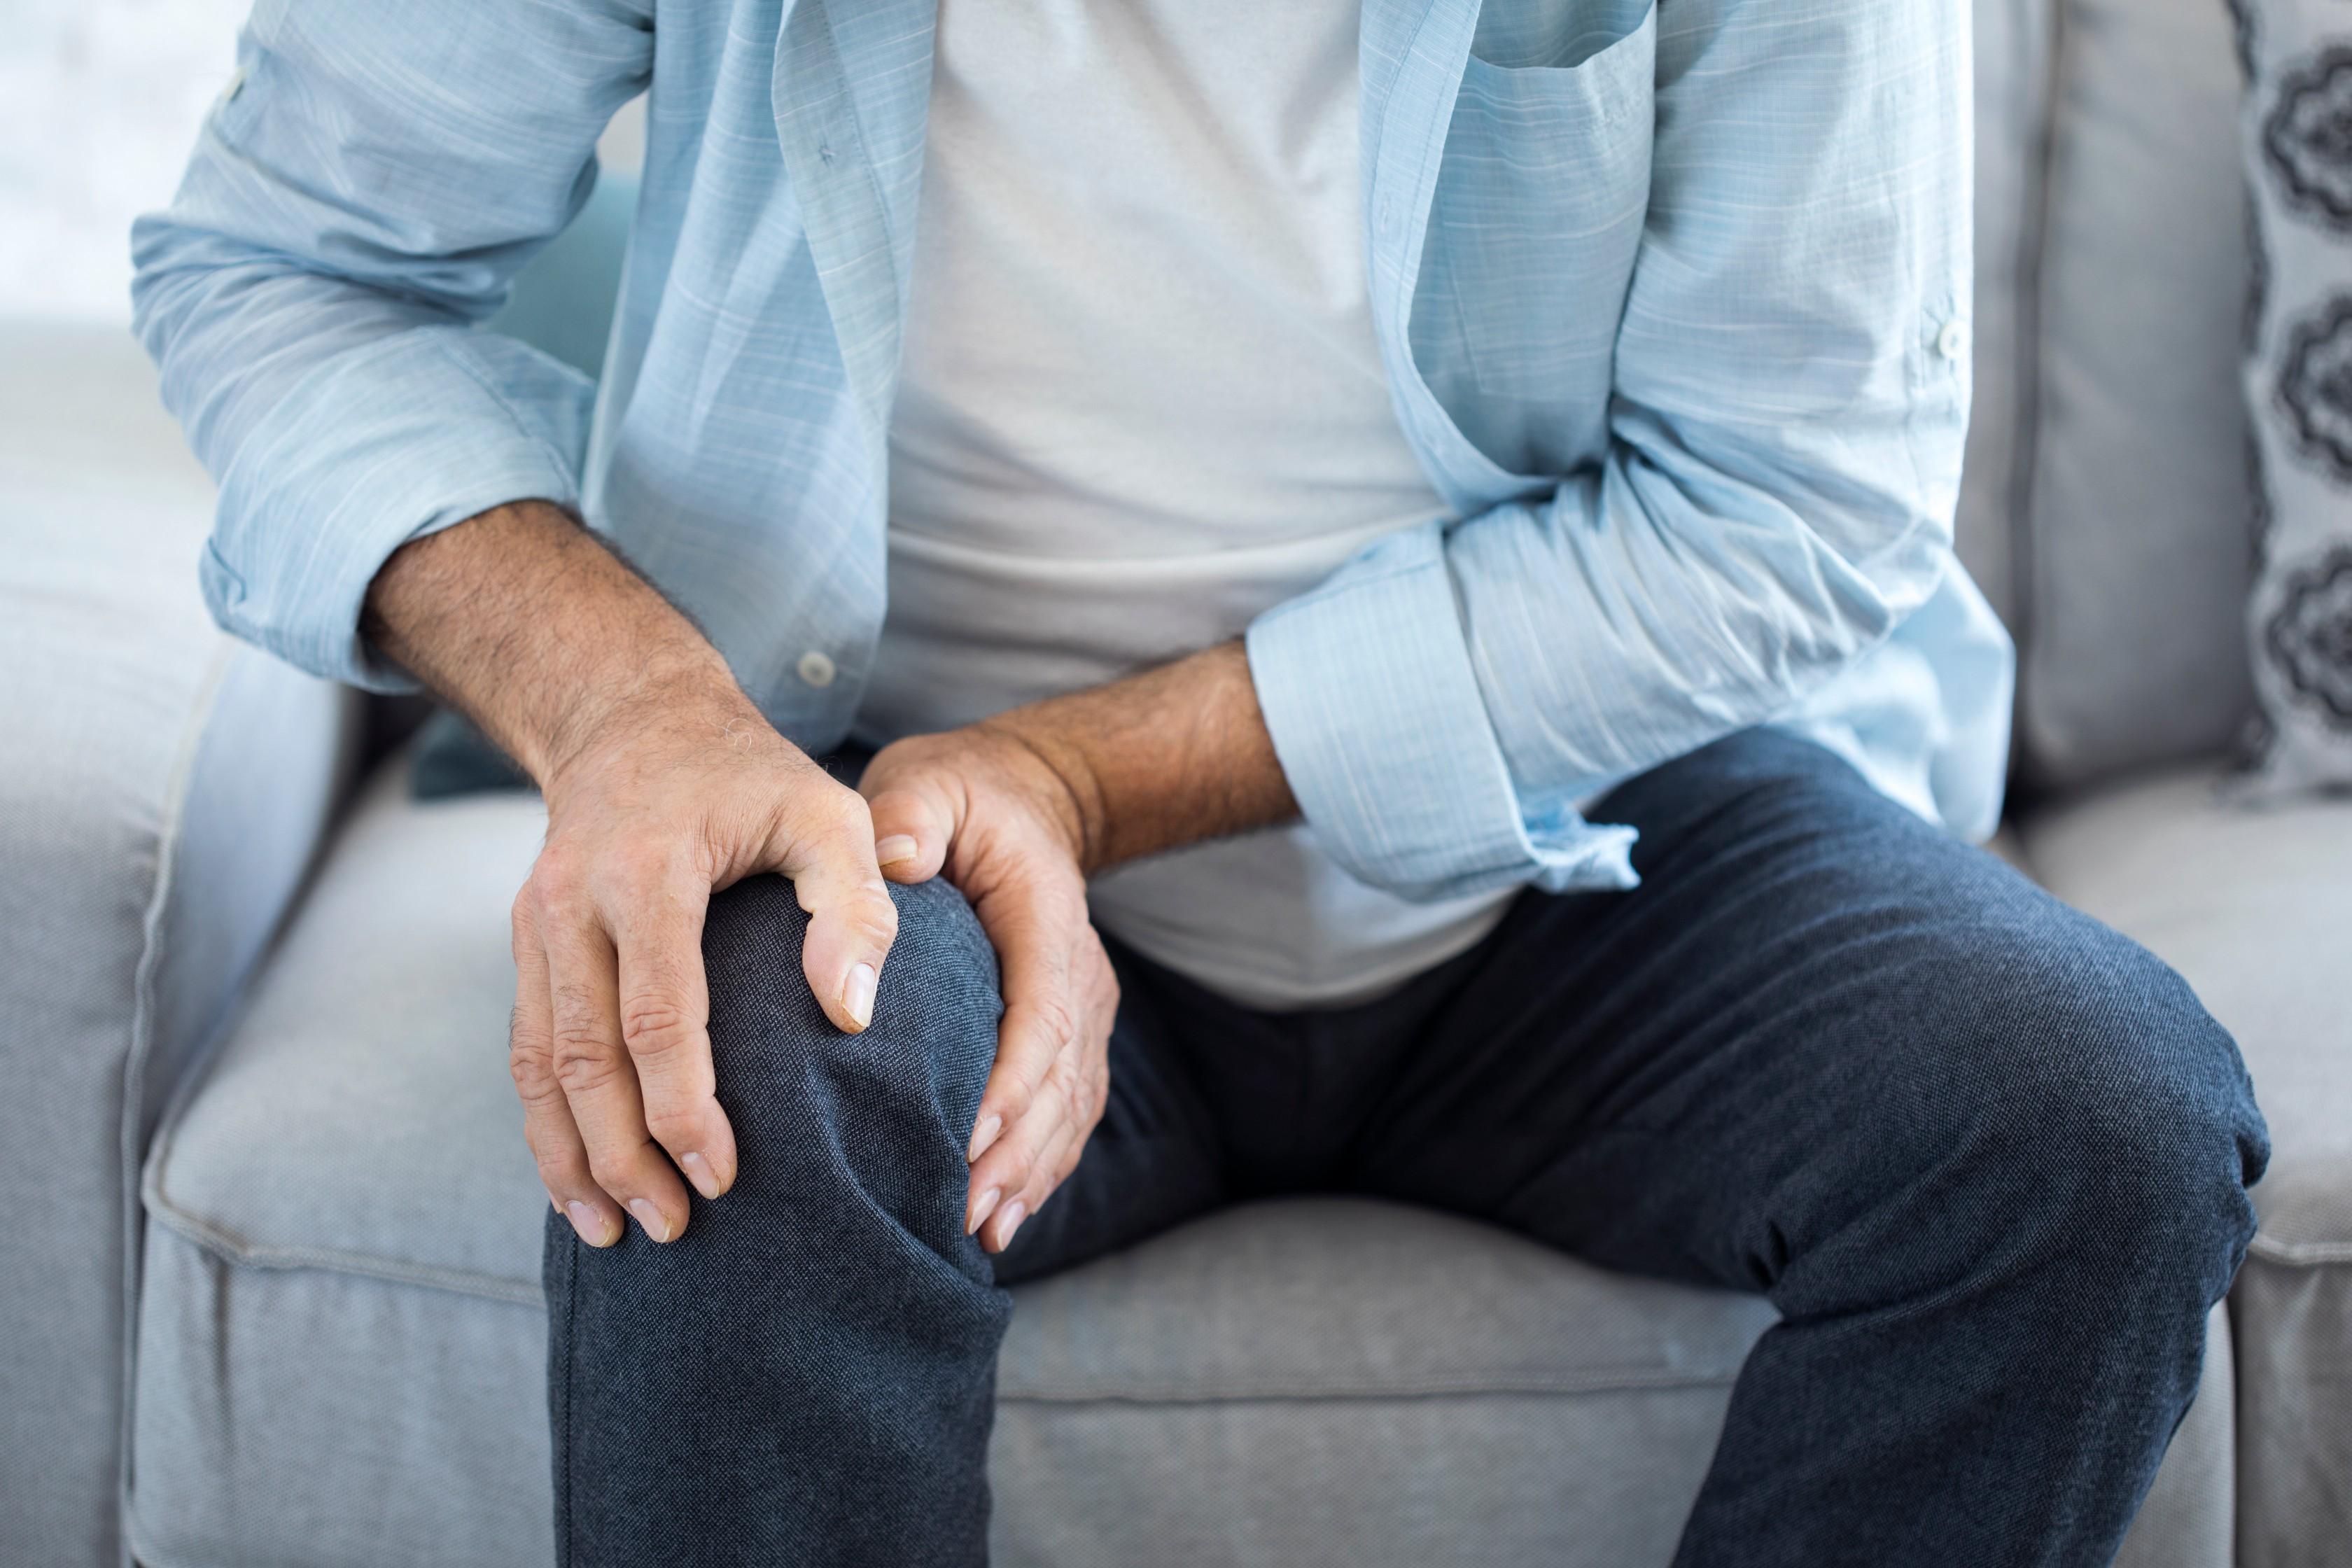 hogyan lehet kezelni a lábak ízületei ízületi gyulladást csípő allergiás ízületi gyulladása